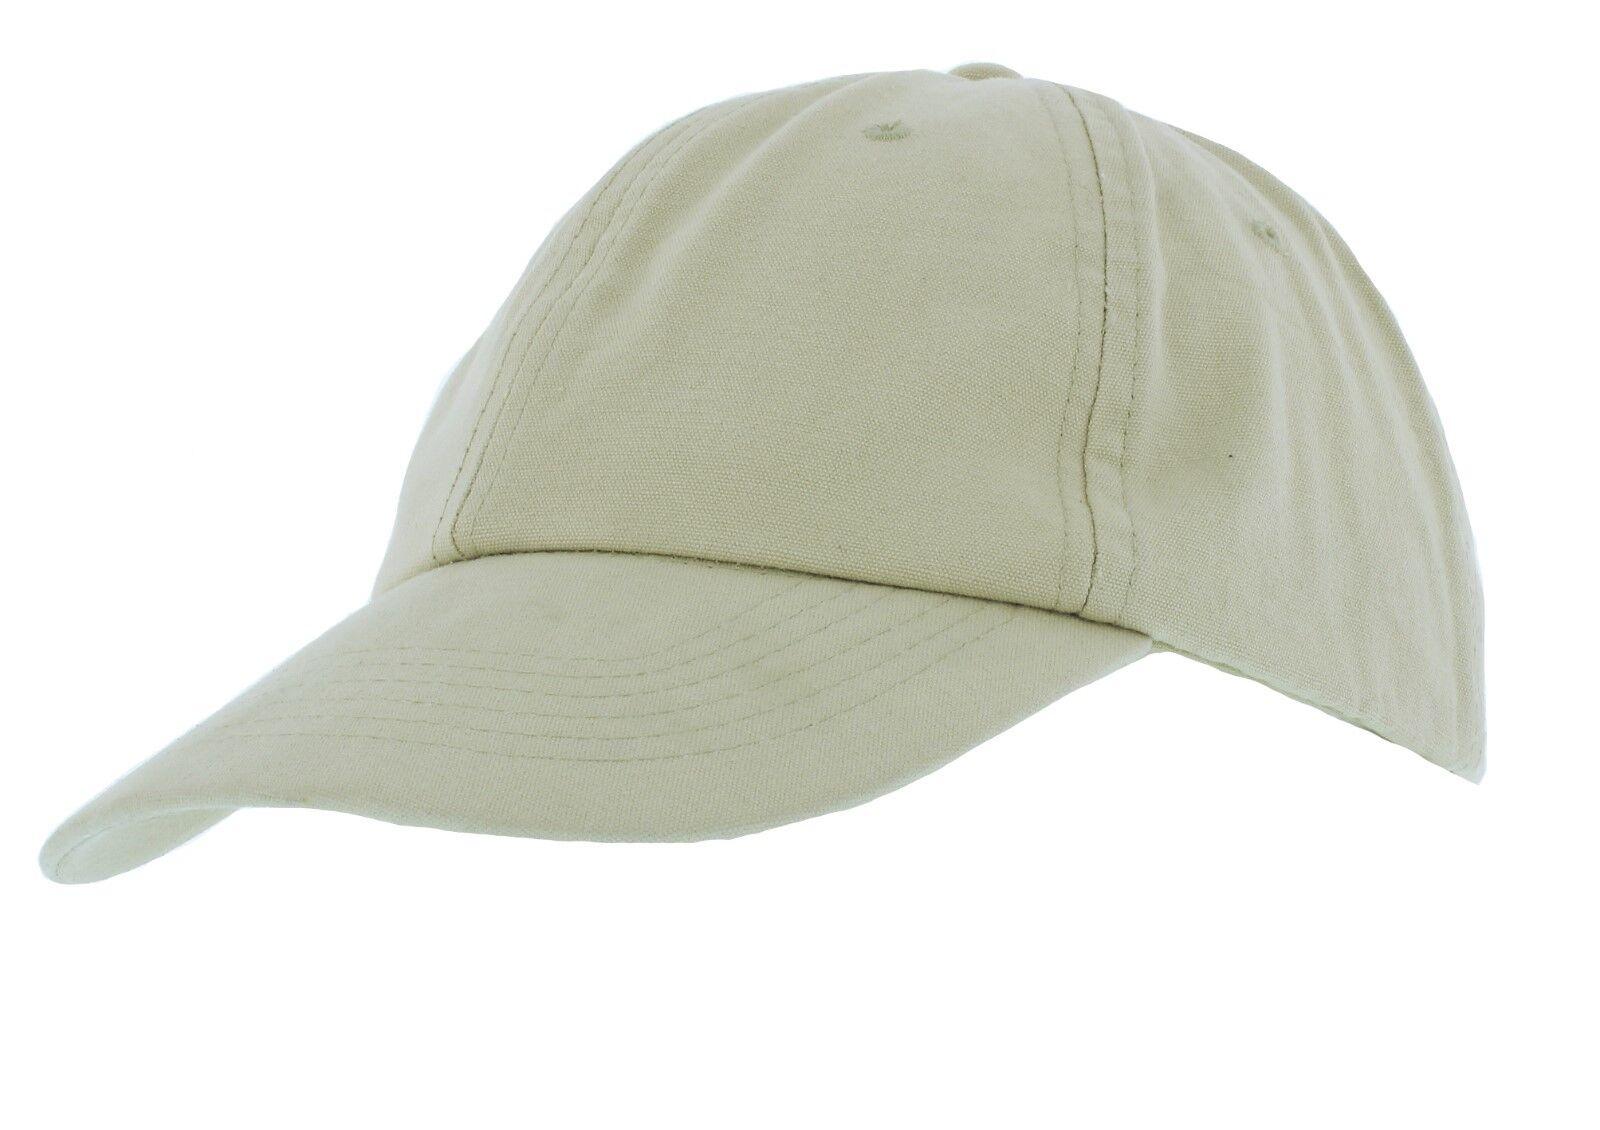 Adjustable 100% Cotton Baseball Cap in Beige